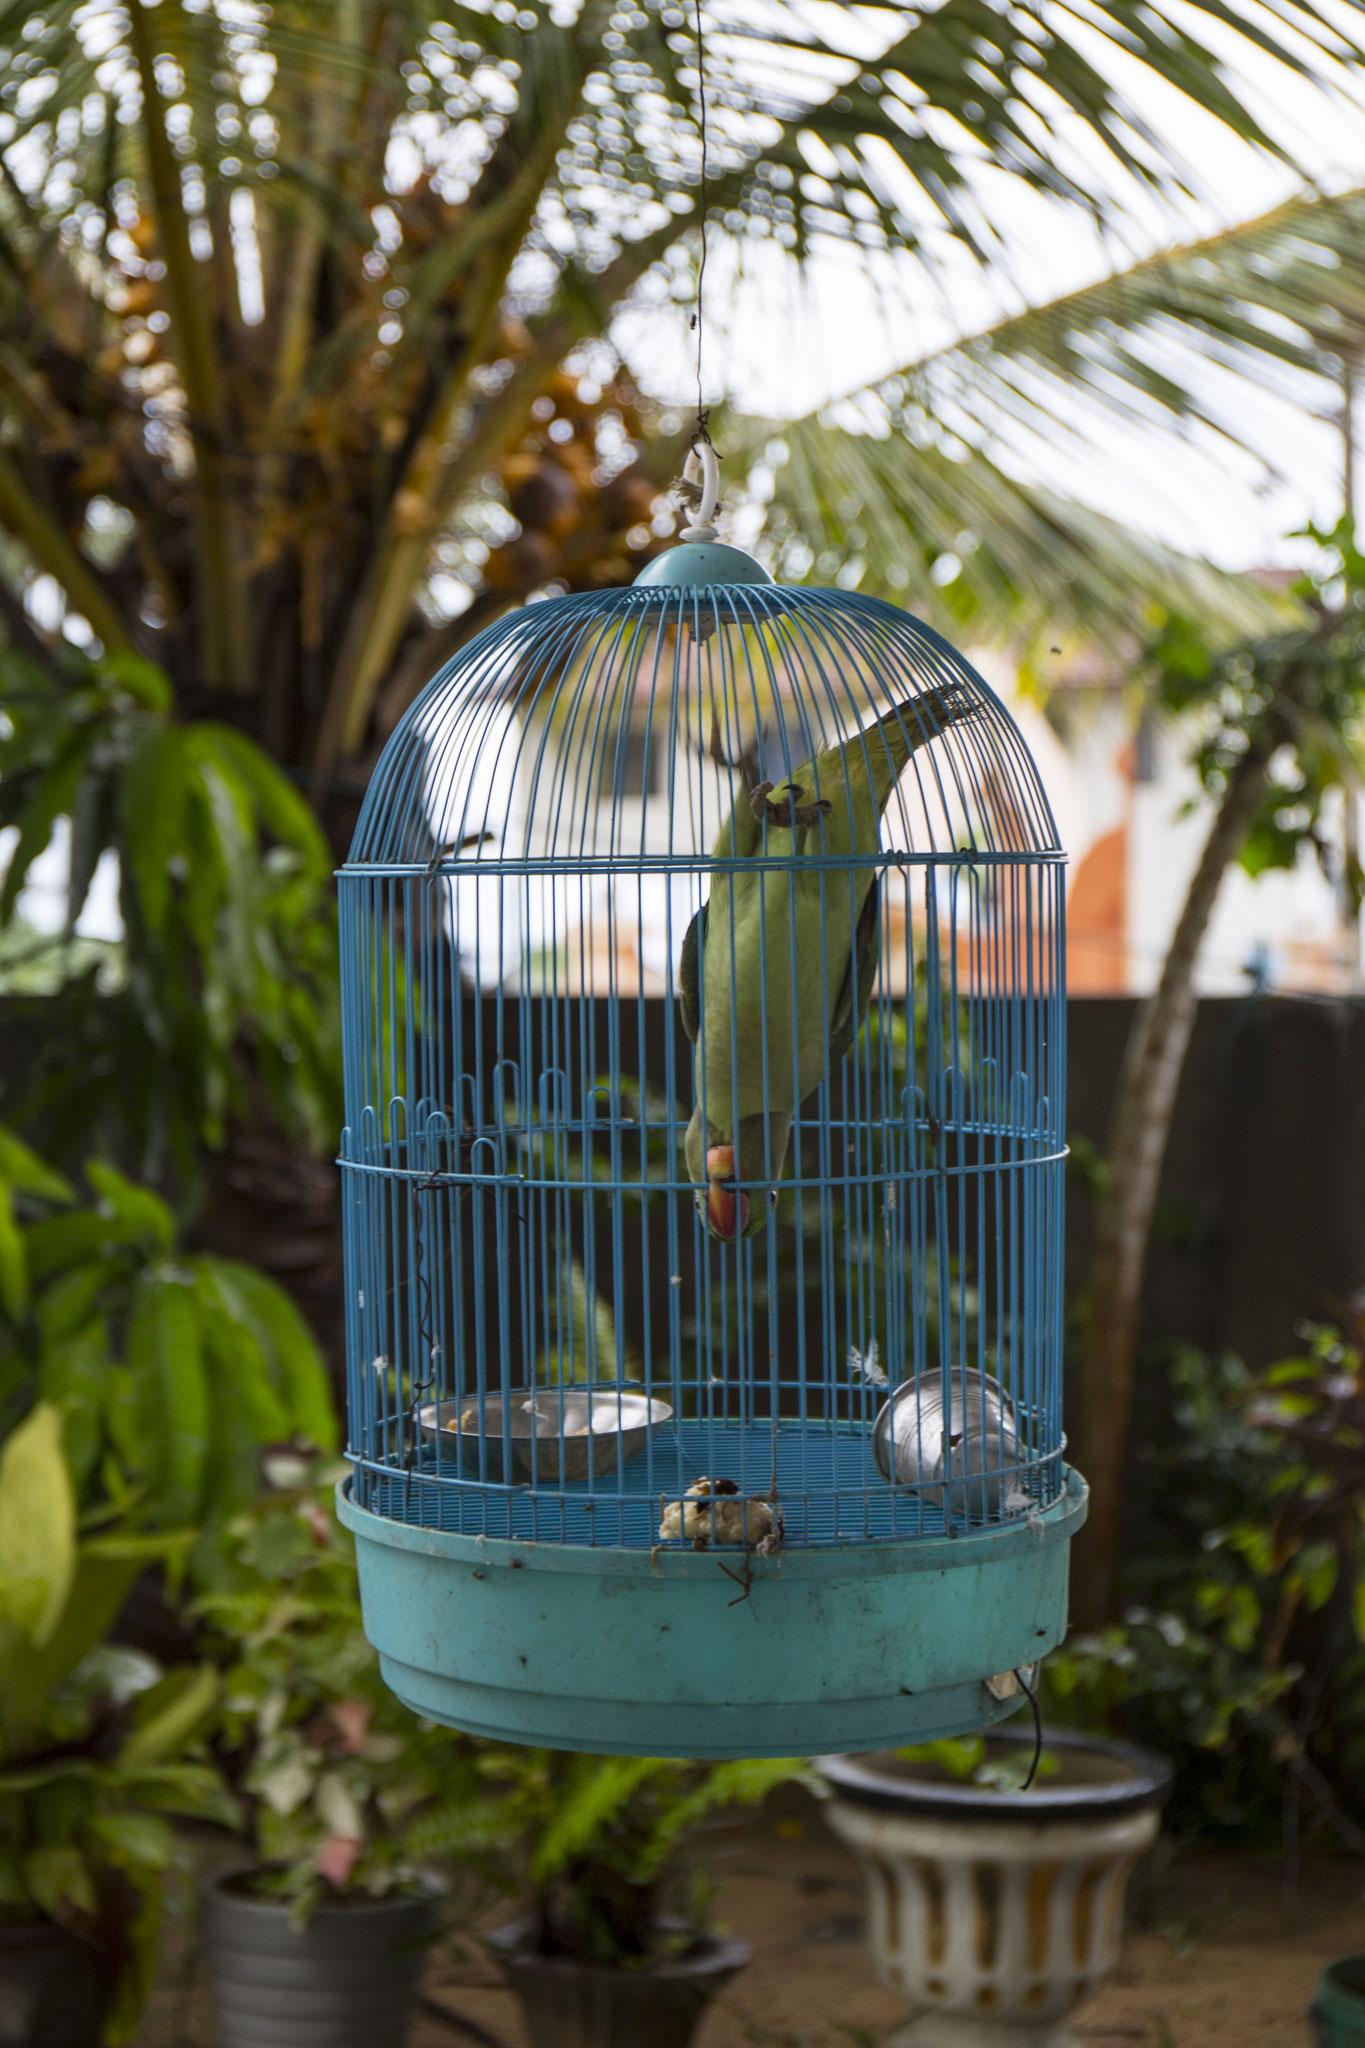 Ammas Papagei hängt am Eingang ihres Gasthauses. Mullaitivu, 2018